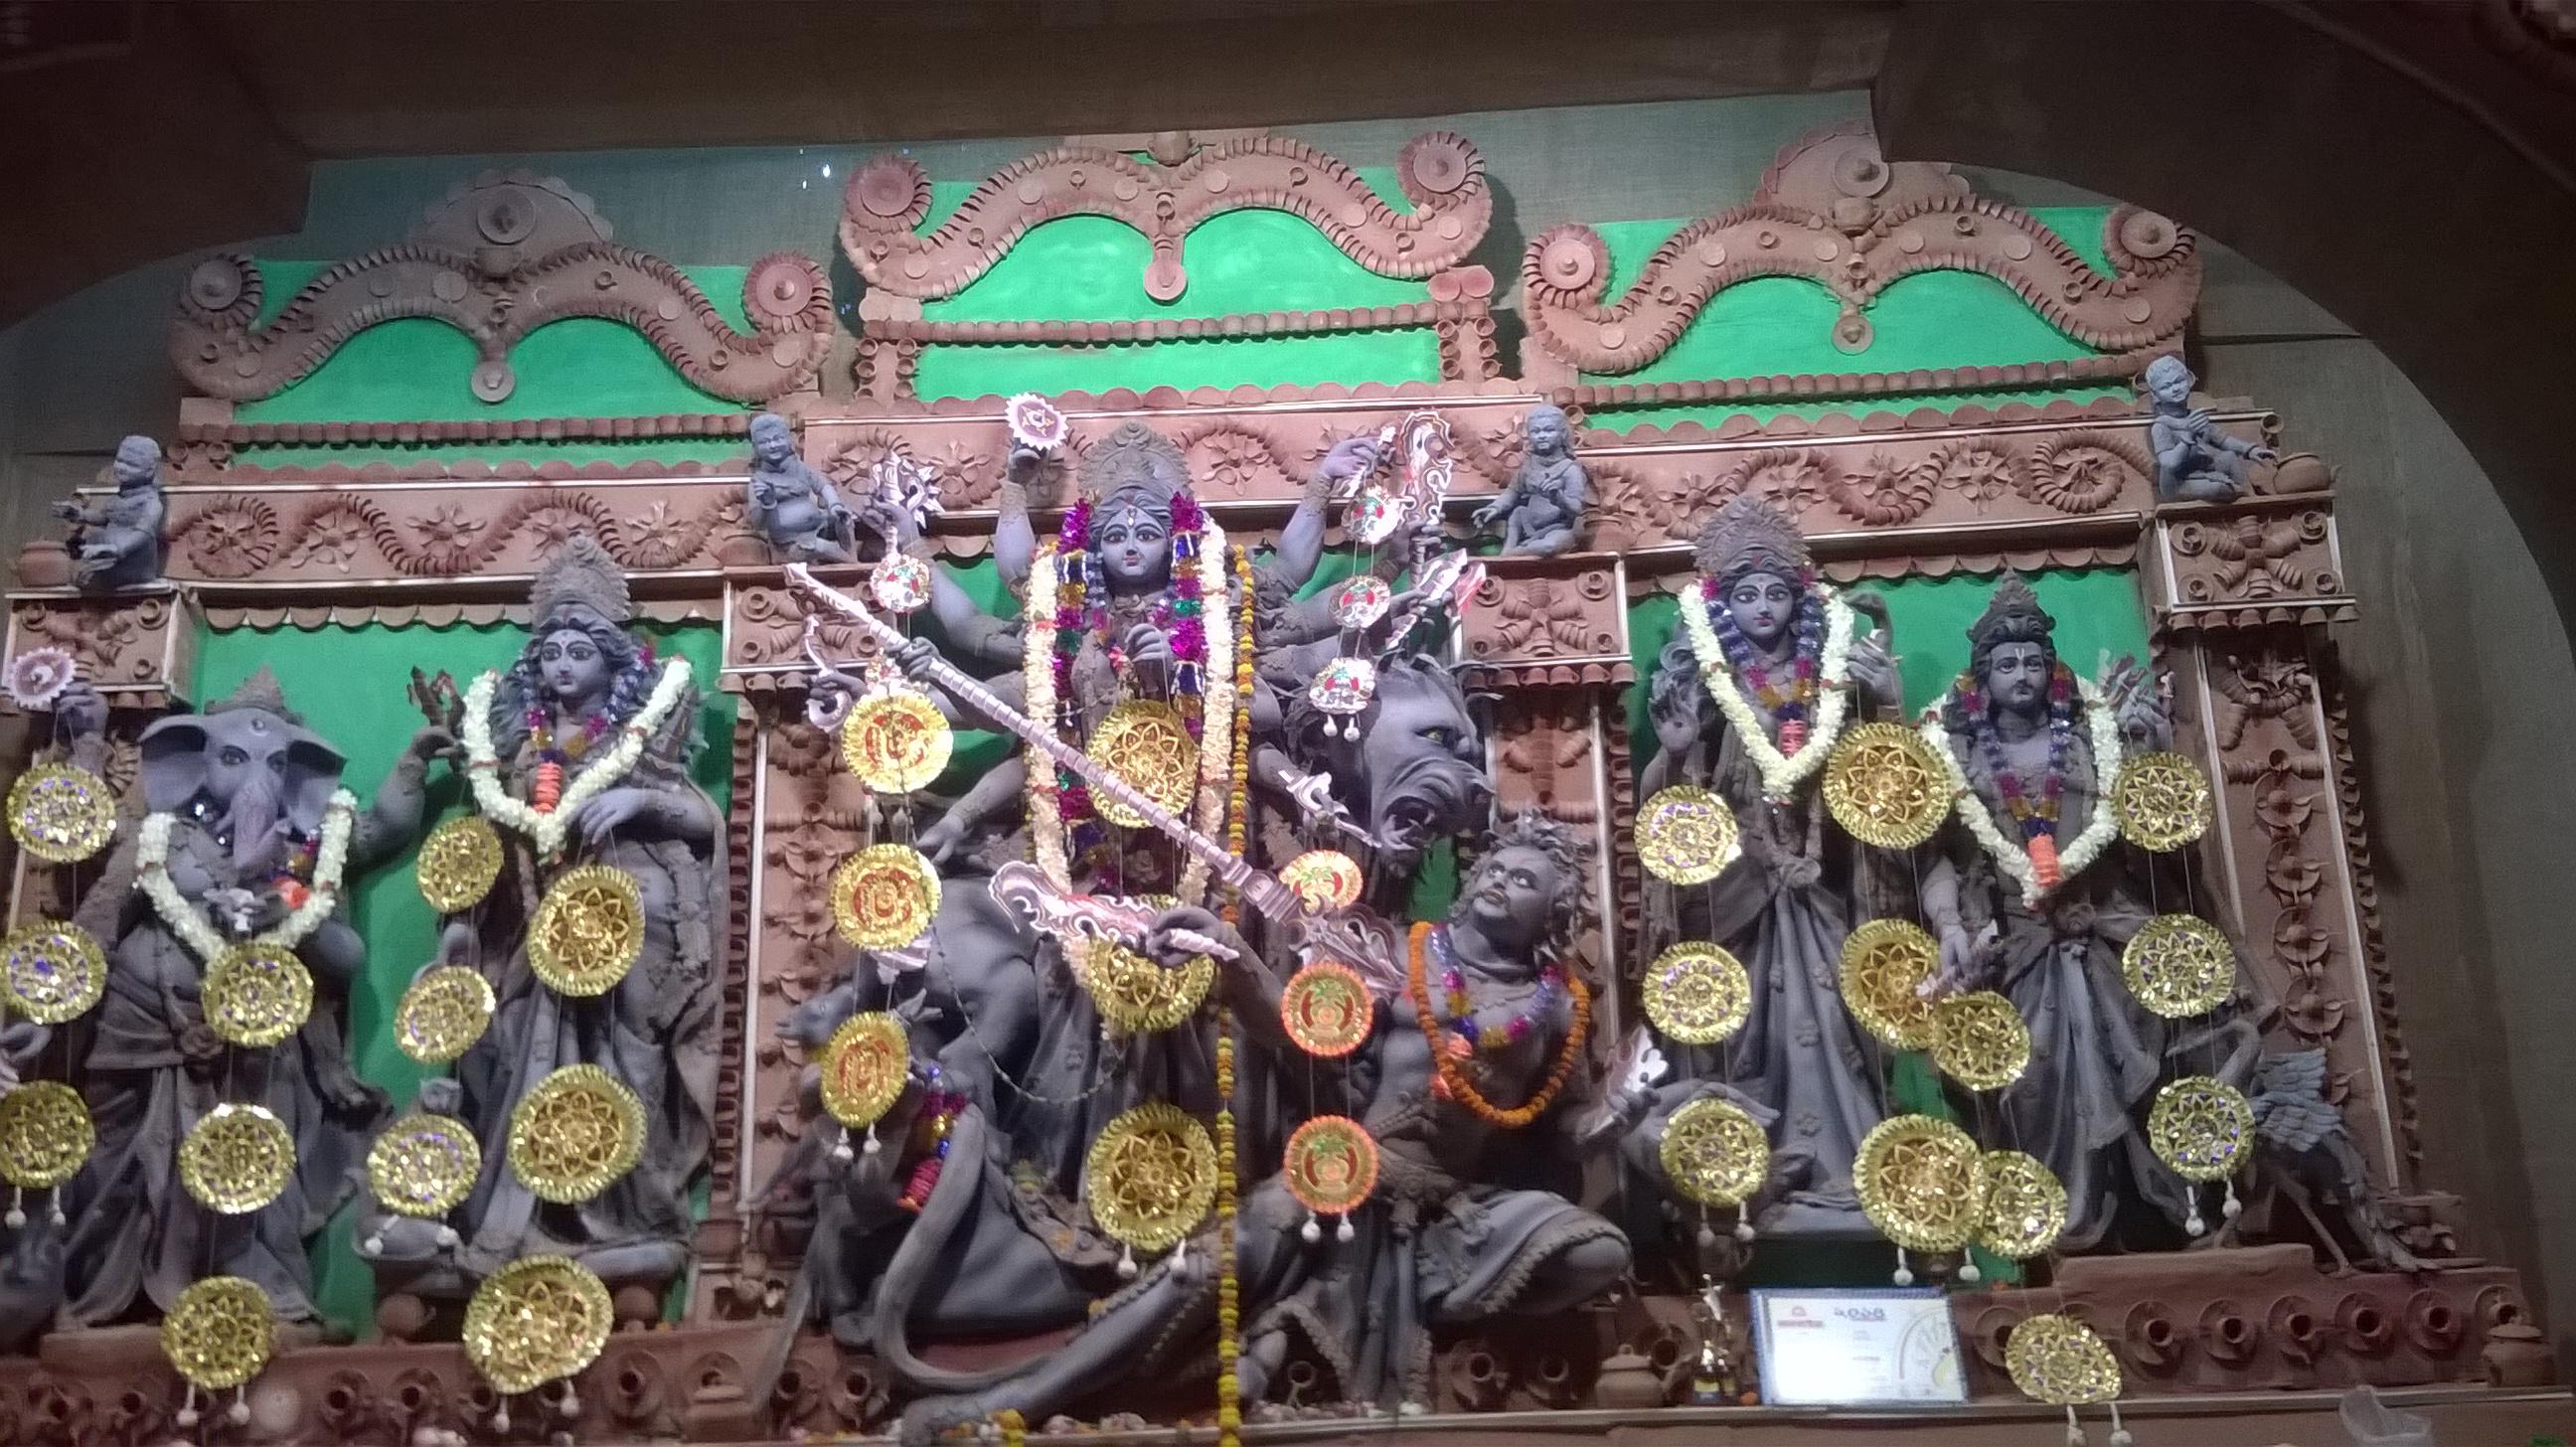 The Gorgeous Devi Idol